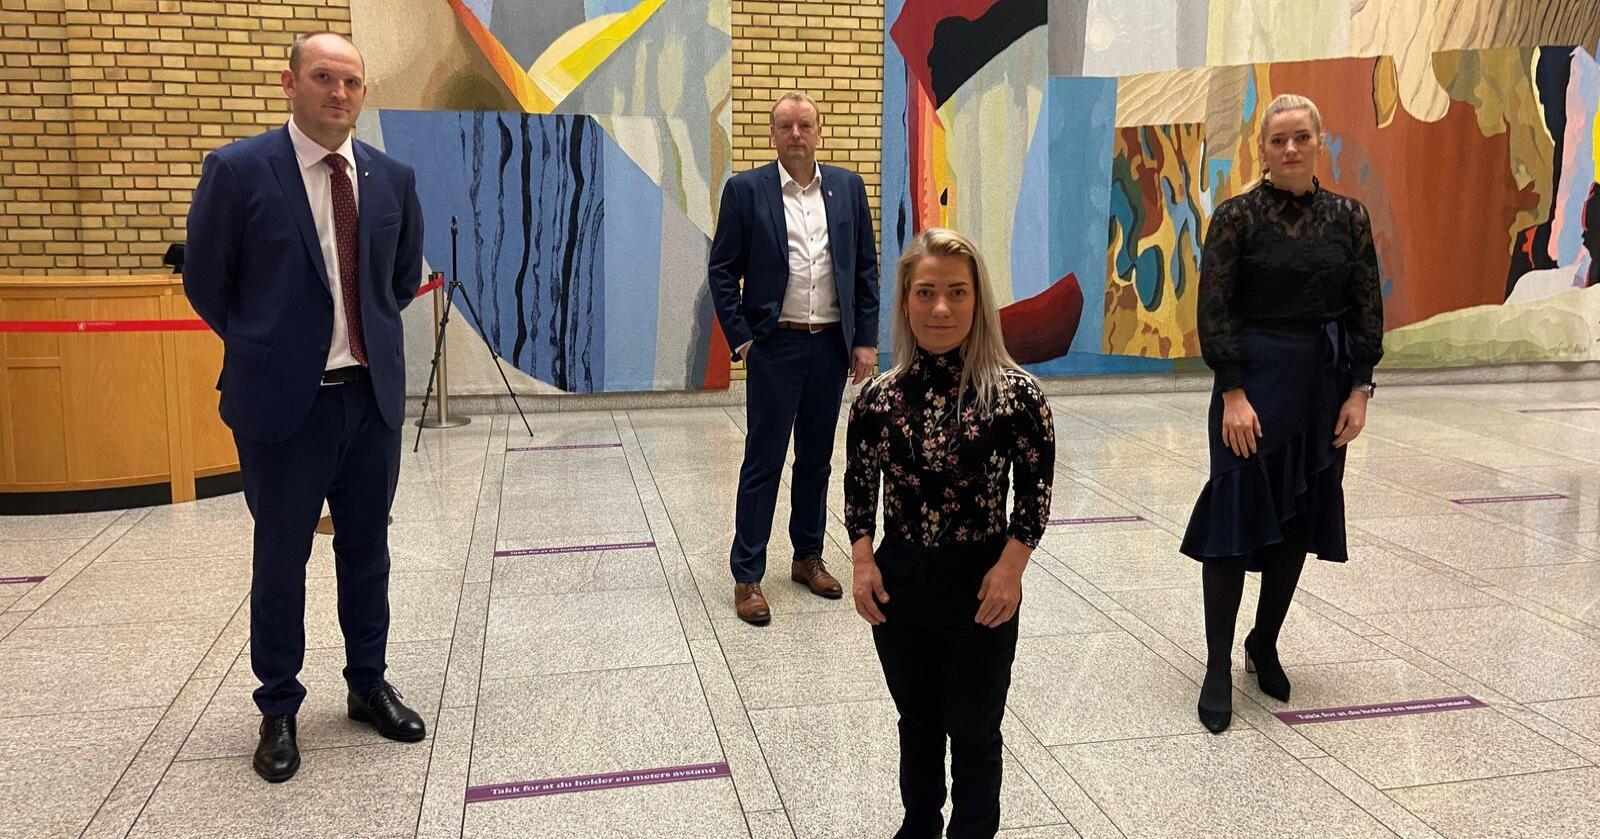 Frps Jon Georg Dale og Terje Halleland står sammen med Sps Sandra Borch og Emilie Enger Mehl om å oppheve utvidelsen av ulvesonen. Foto: Sp